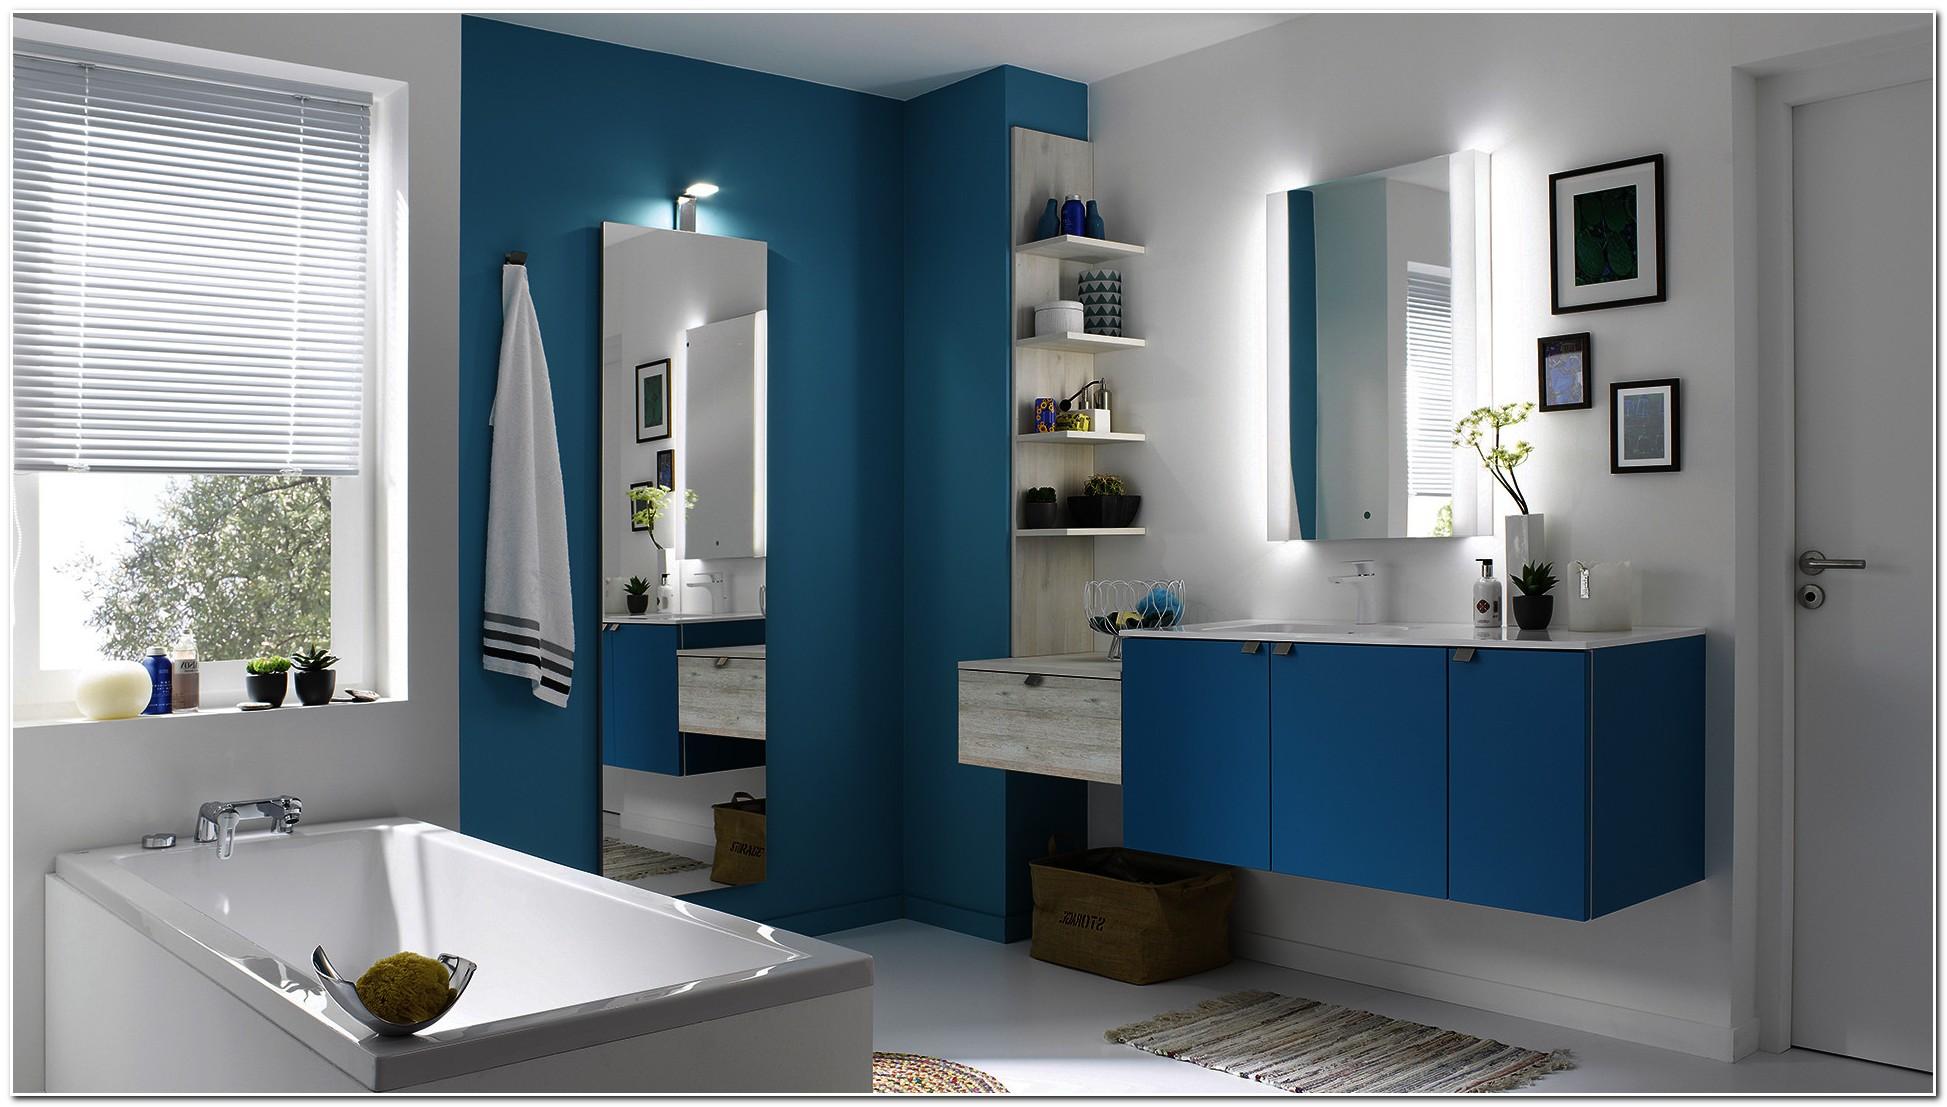 Meuble Salle De Bain Bleu Foncé